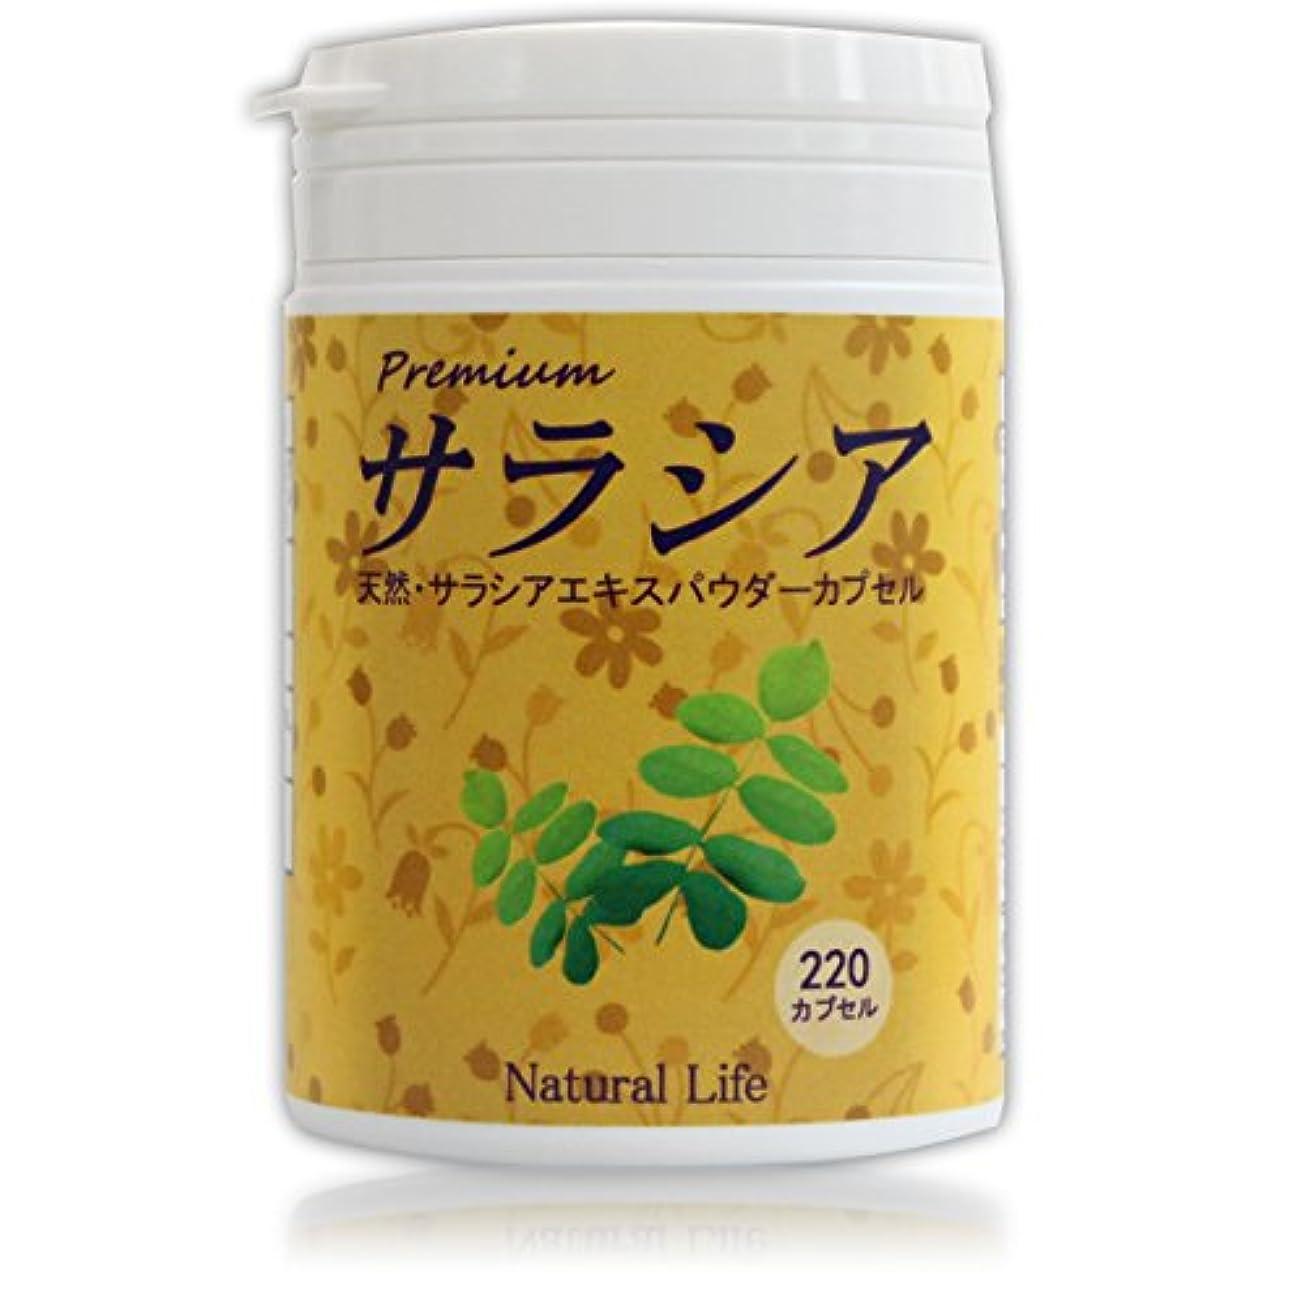 常習者ローマ人チャーミングサラシアカプセル[220粒]天然ピュア原料(無添加) 健康食品(サラシア,さらしあ)